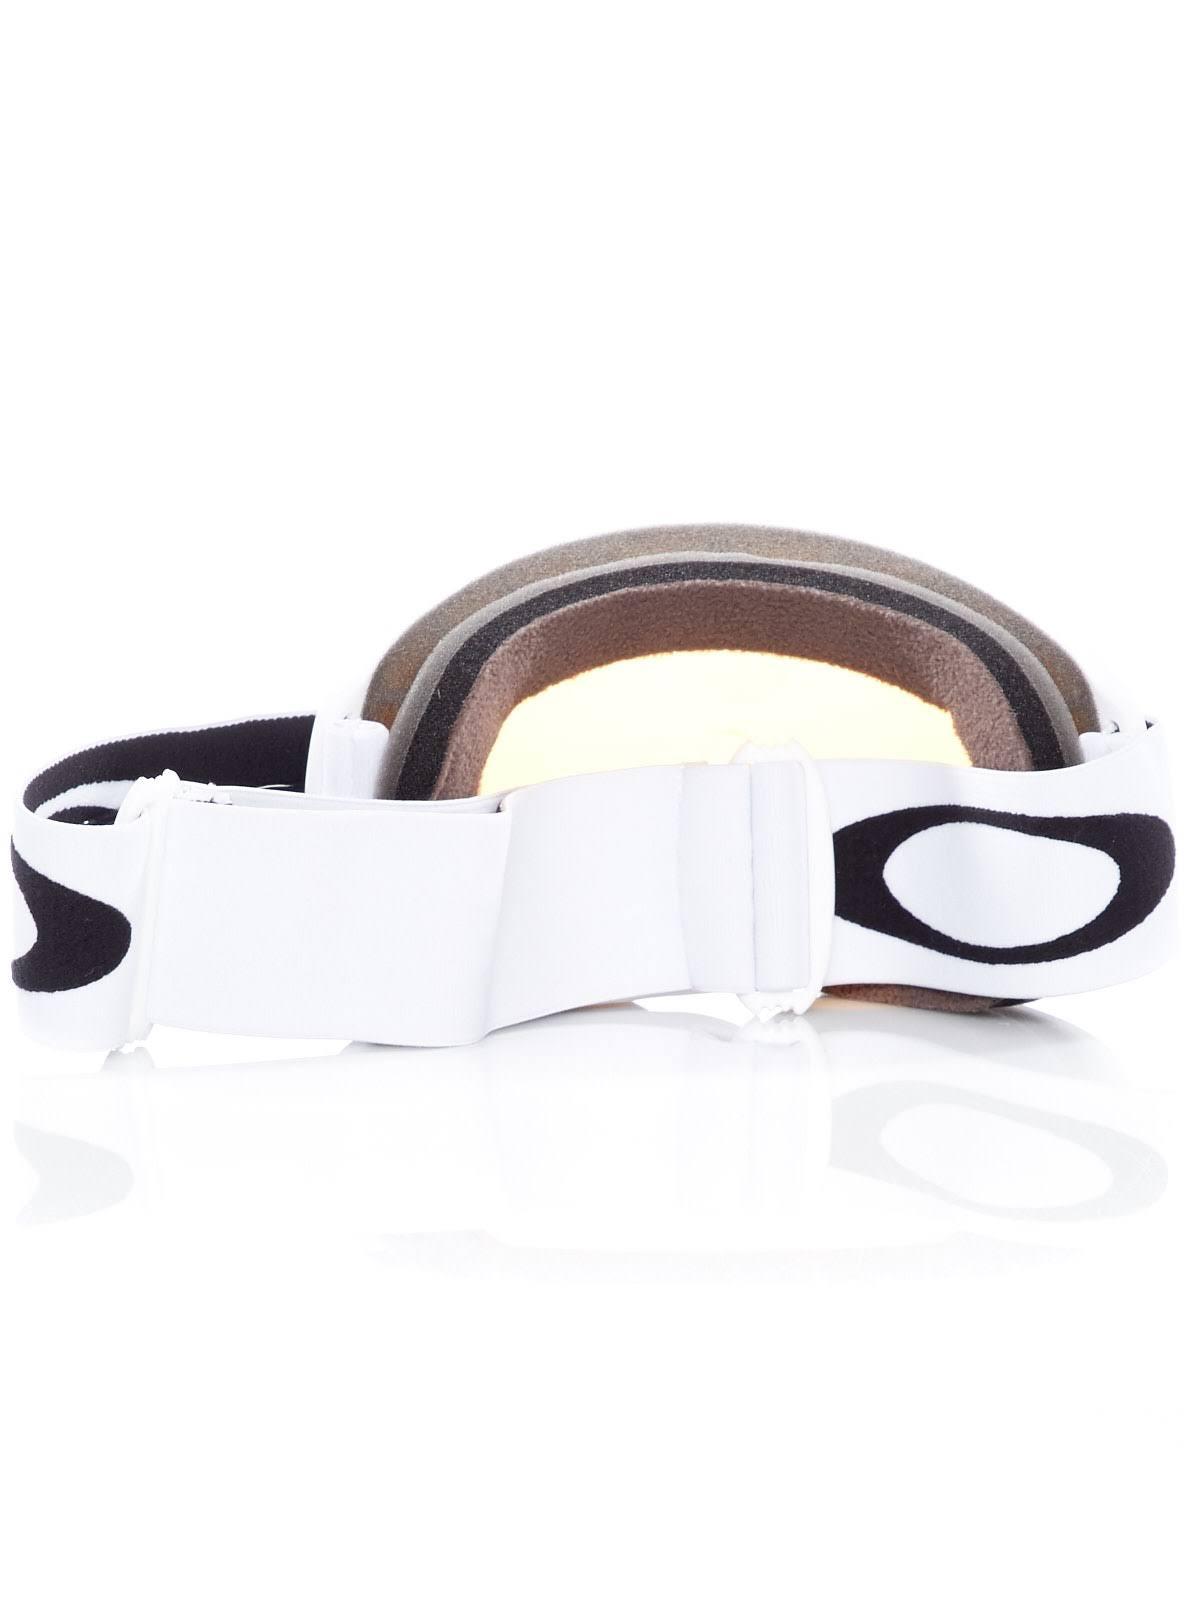 7045 Oo Blanco Unisex Gafas Xl Oakley O2 IqaXxRz